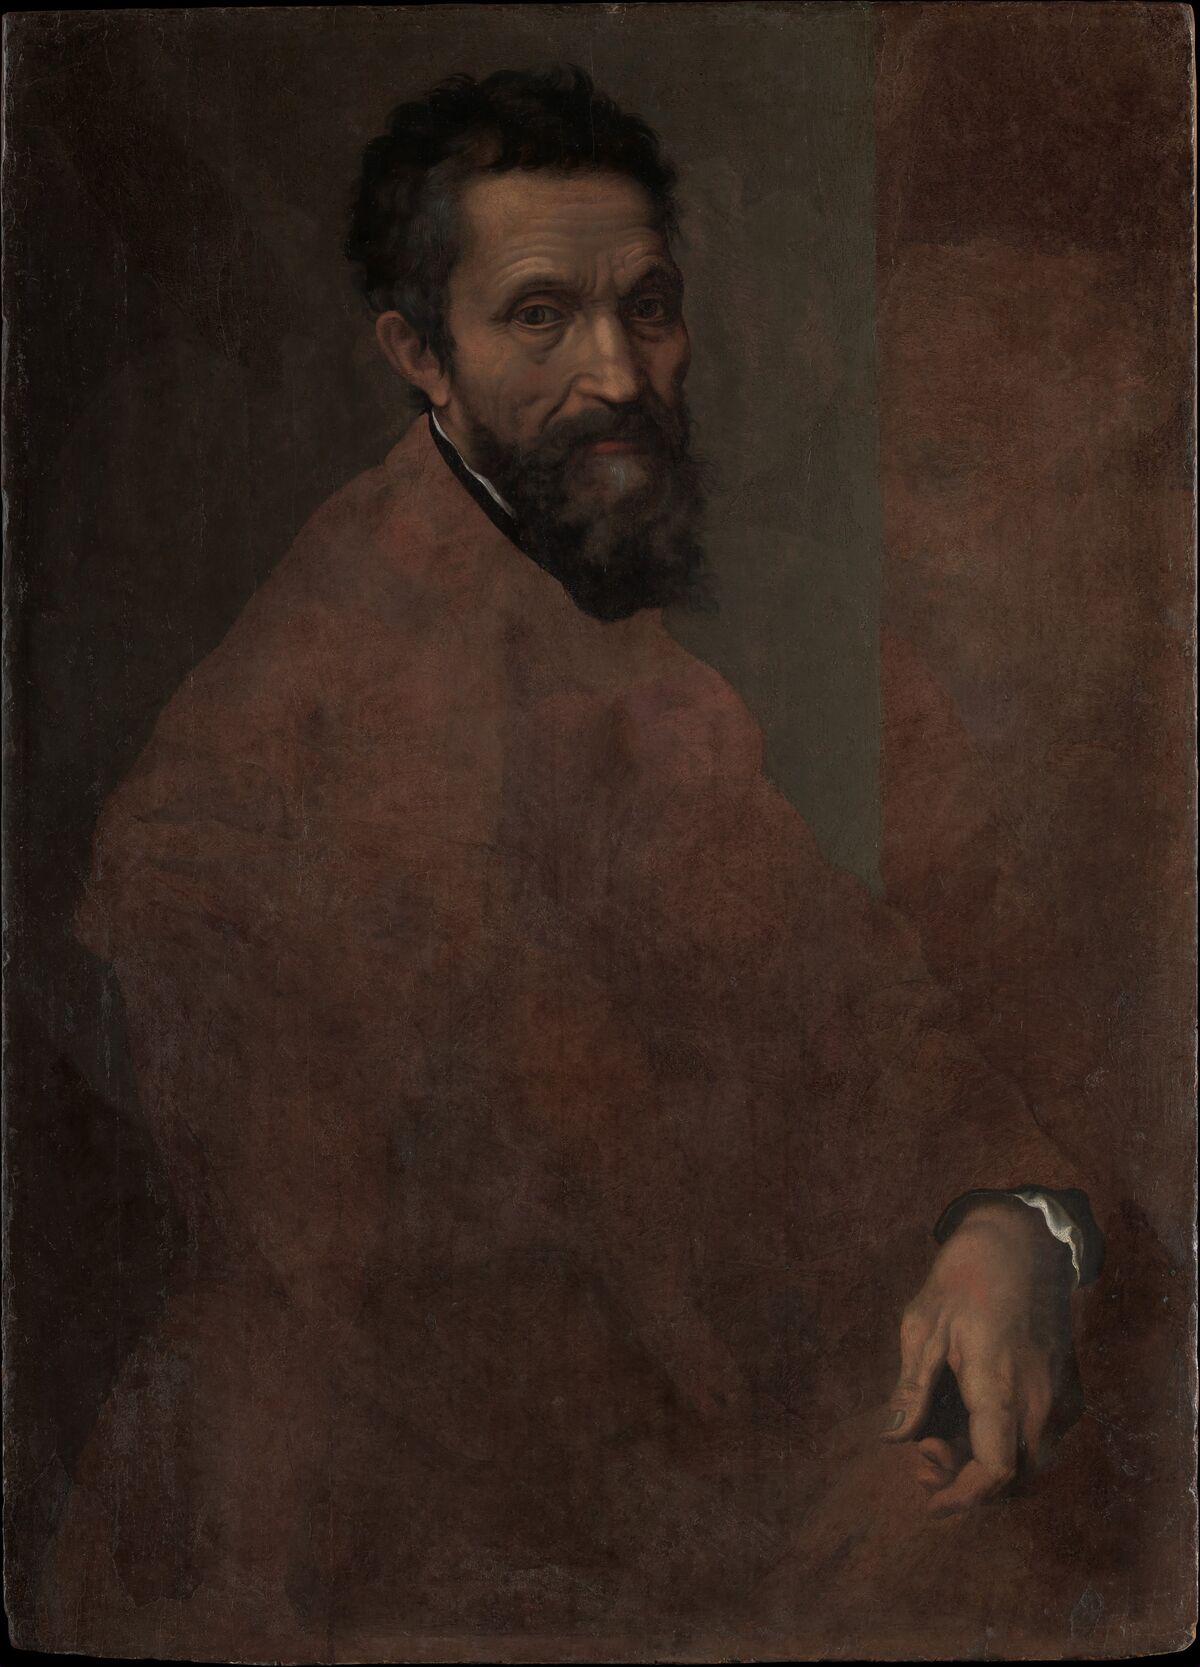 Daniele da Volterra, Michelangelo Buonarroti (1475-1564), ca. 1544. Courtesy of The Metropolitan Museum of Art.